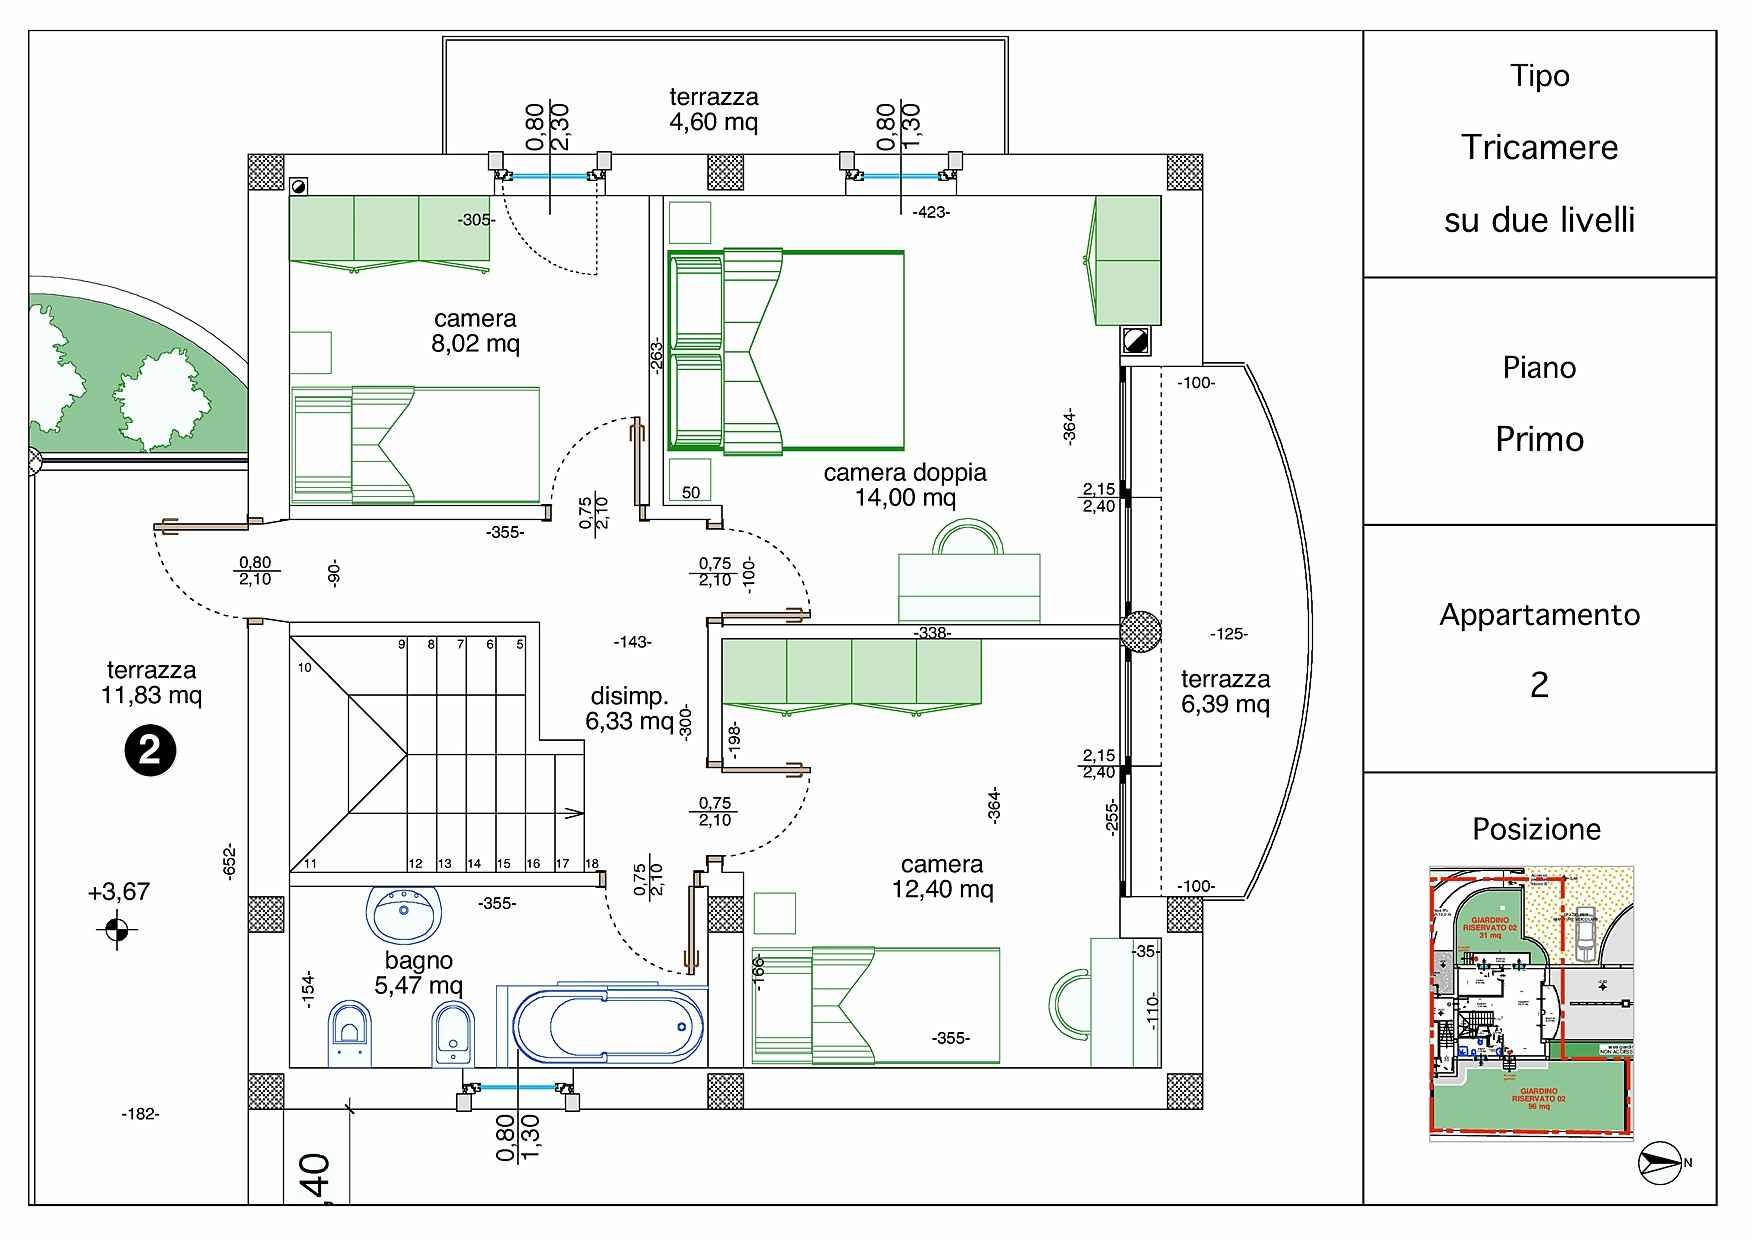 Villetta a schiera casa 2 rigatelli costruzioni for Planimetrie della casa a schiera